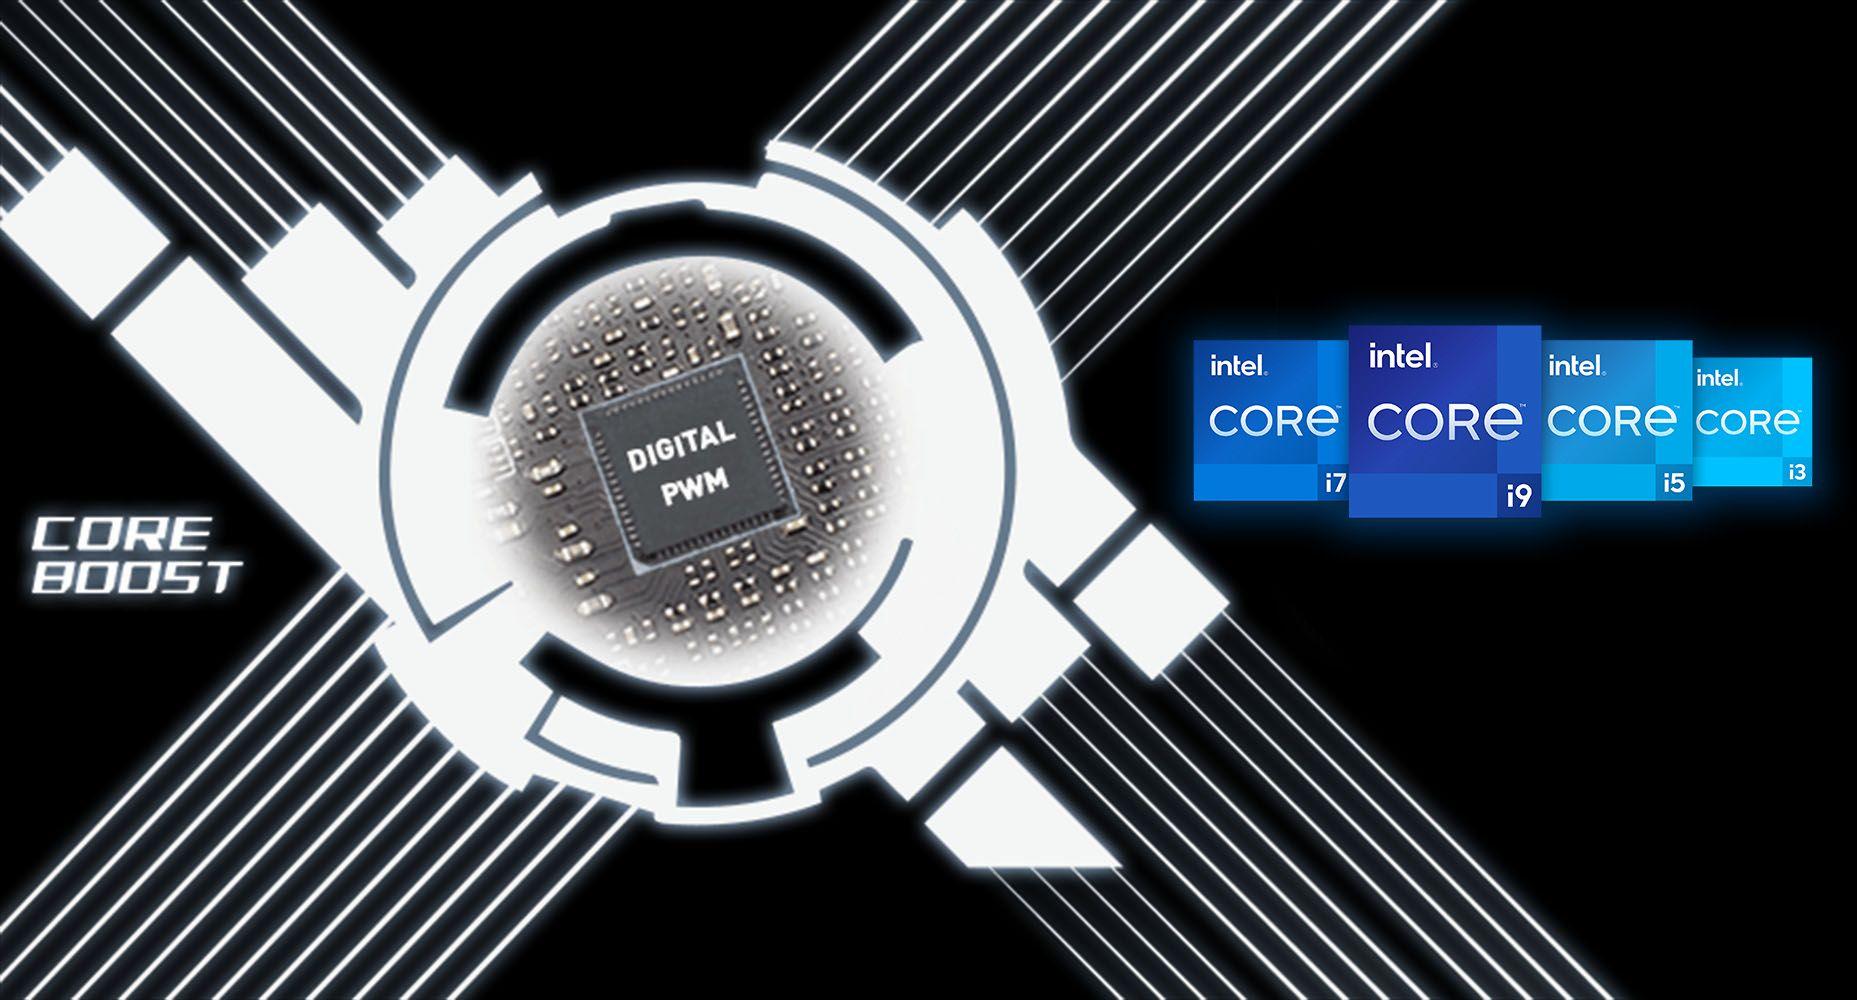 MSI H510M-A PRO CORE BOOST